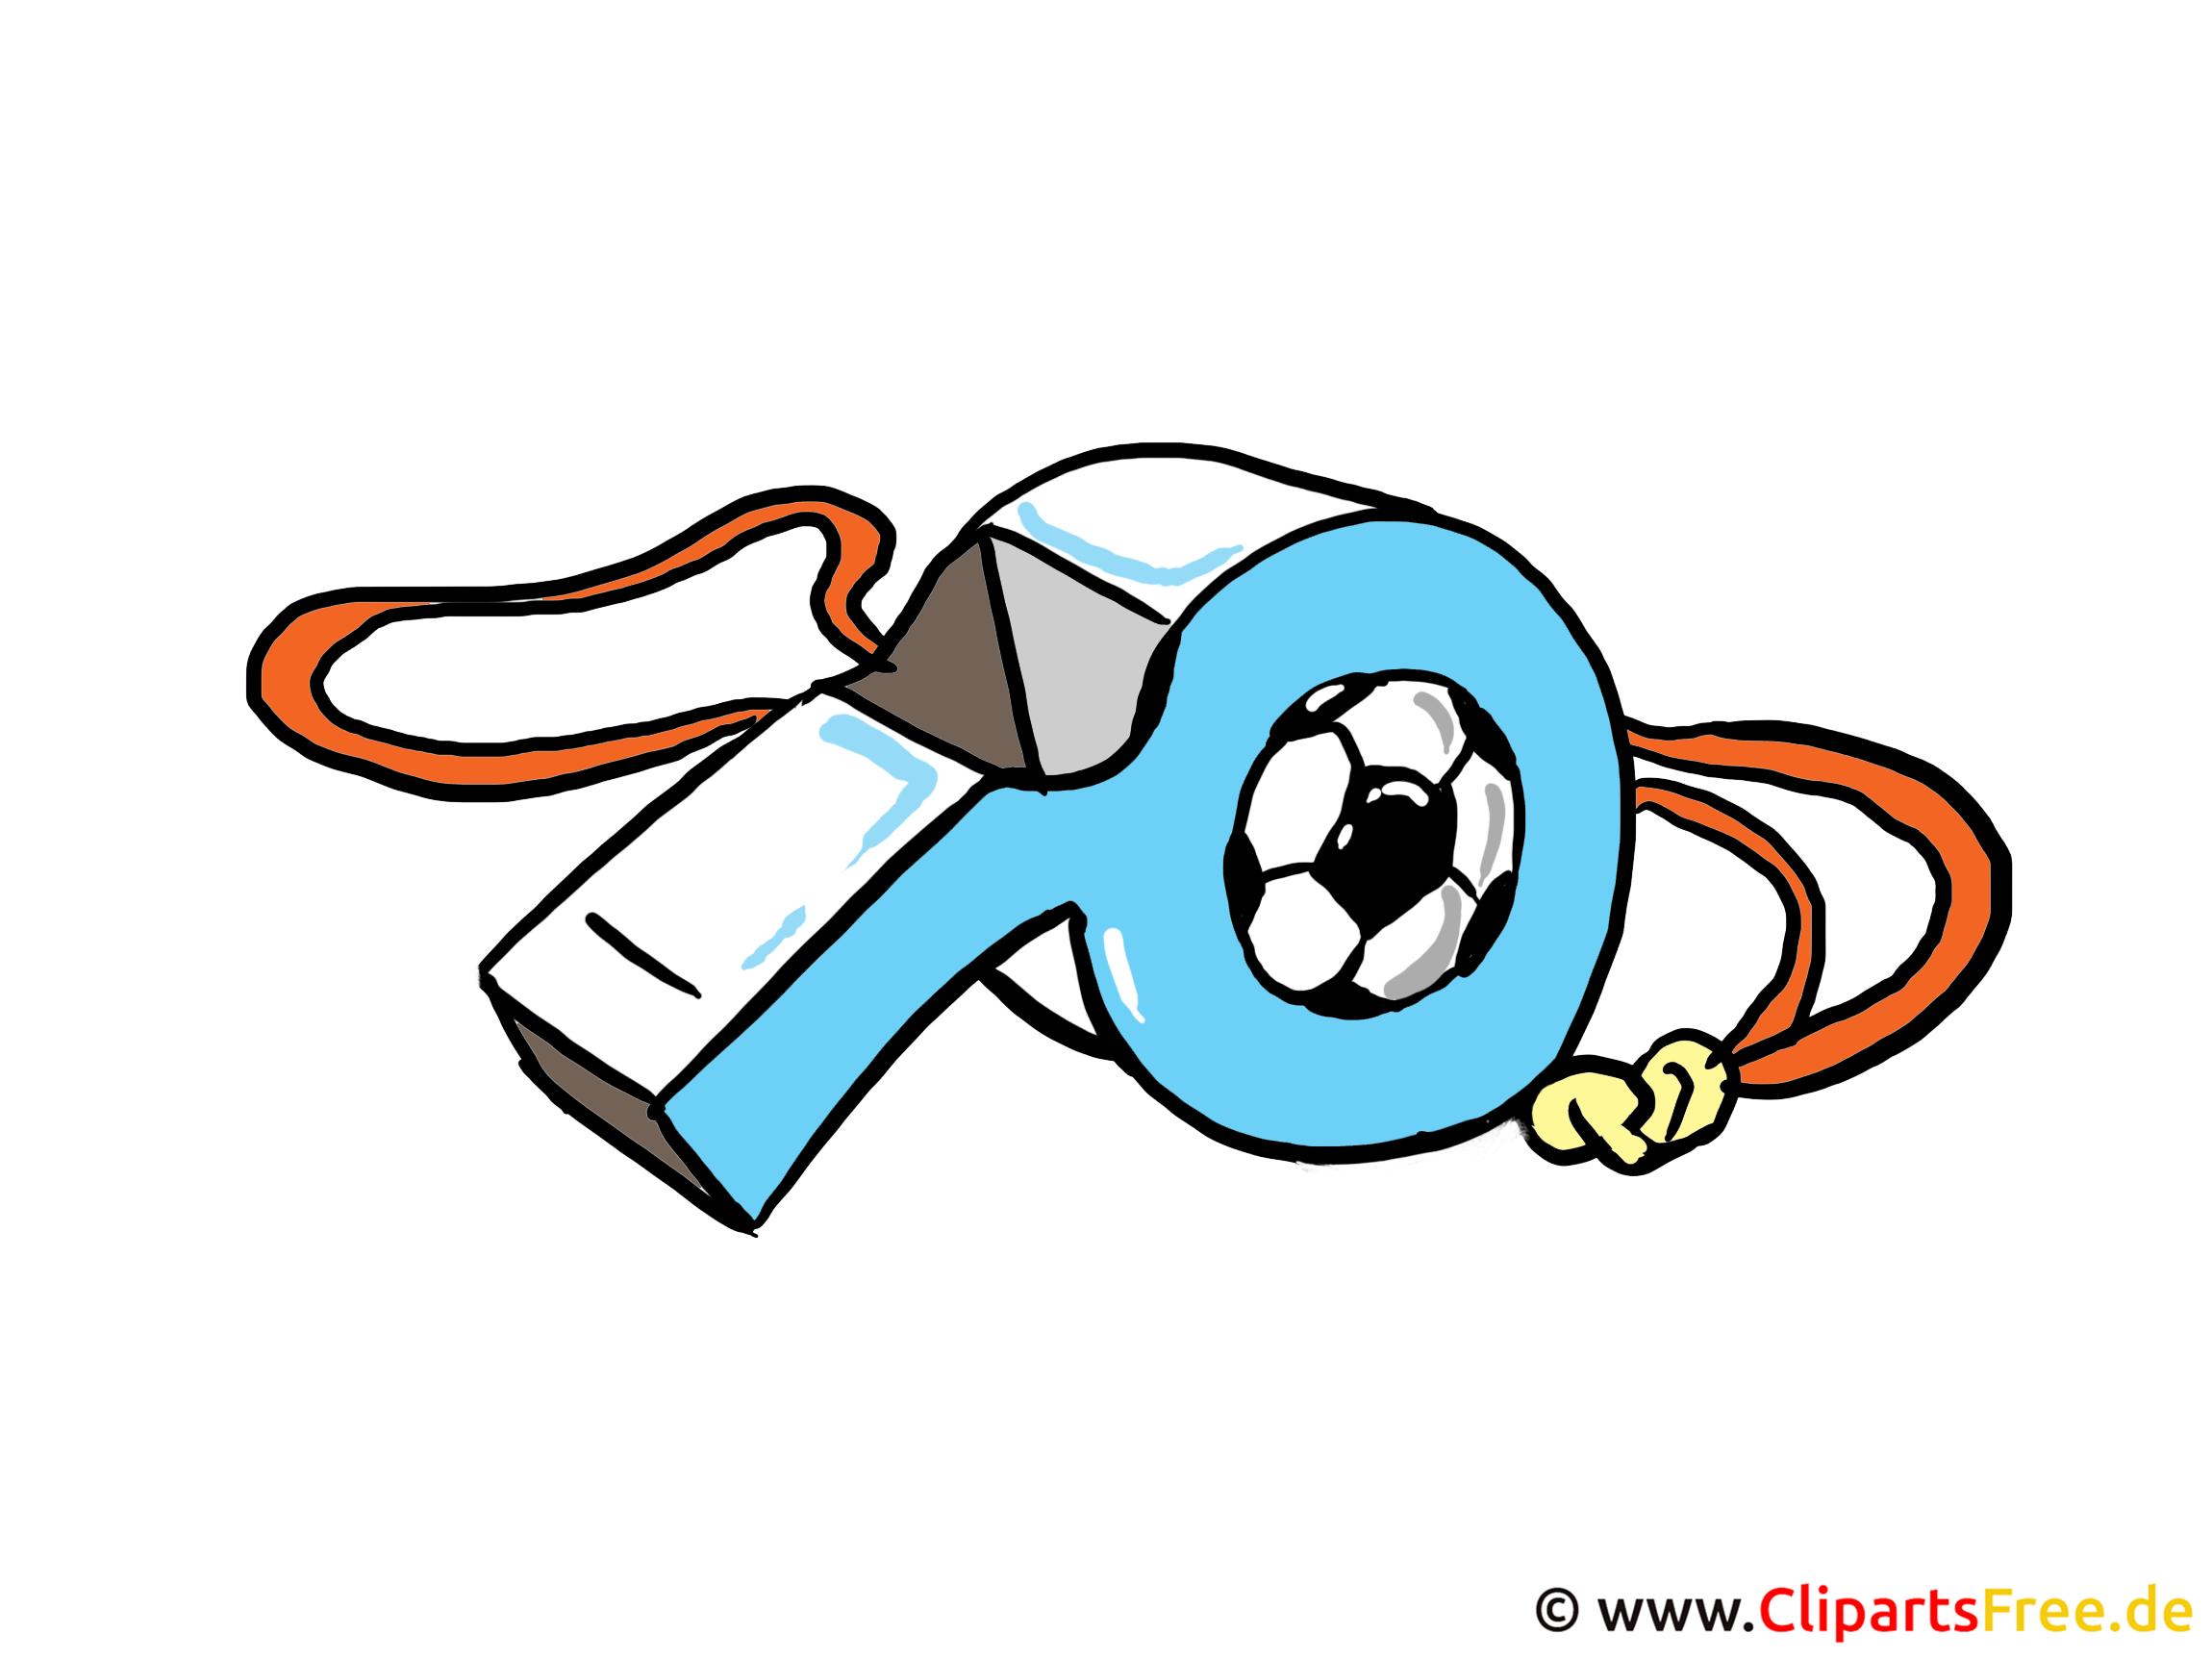 Fussball Pfeife Bild, Illustration, Clipart